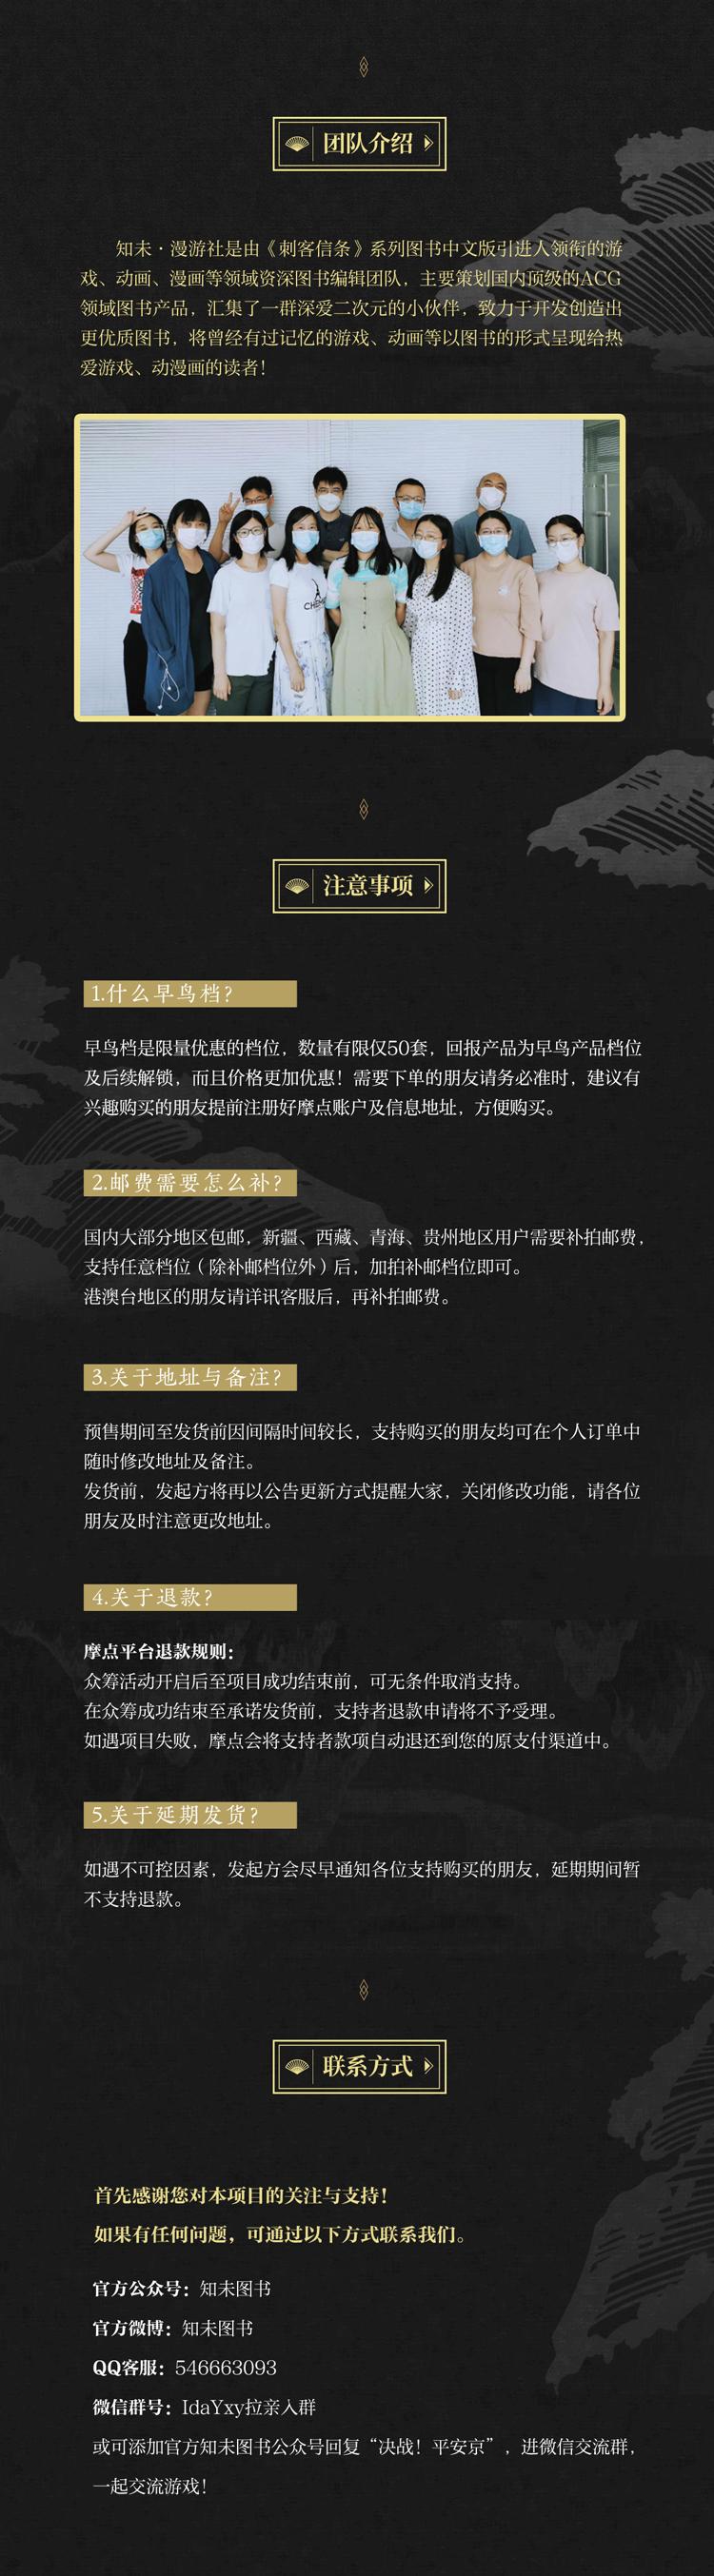 决京-众筹详情页-团队页面.jpg